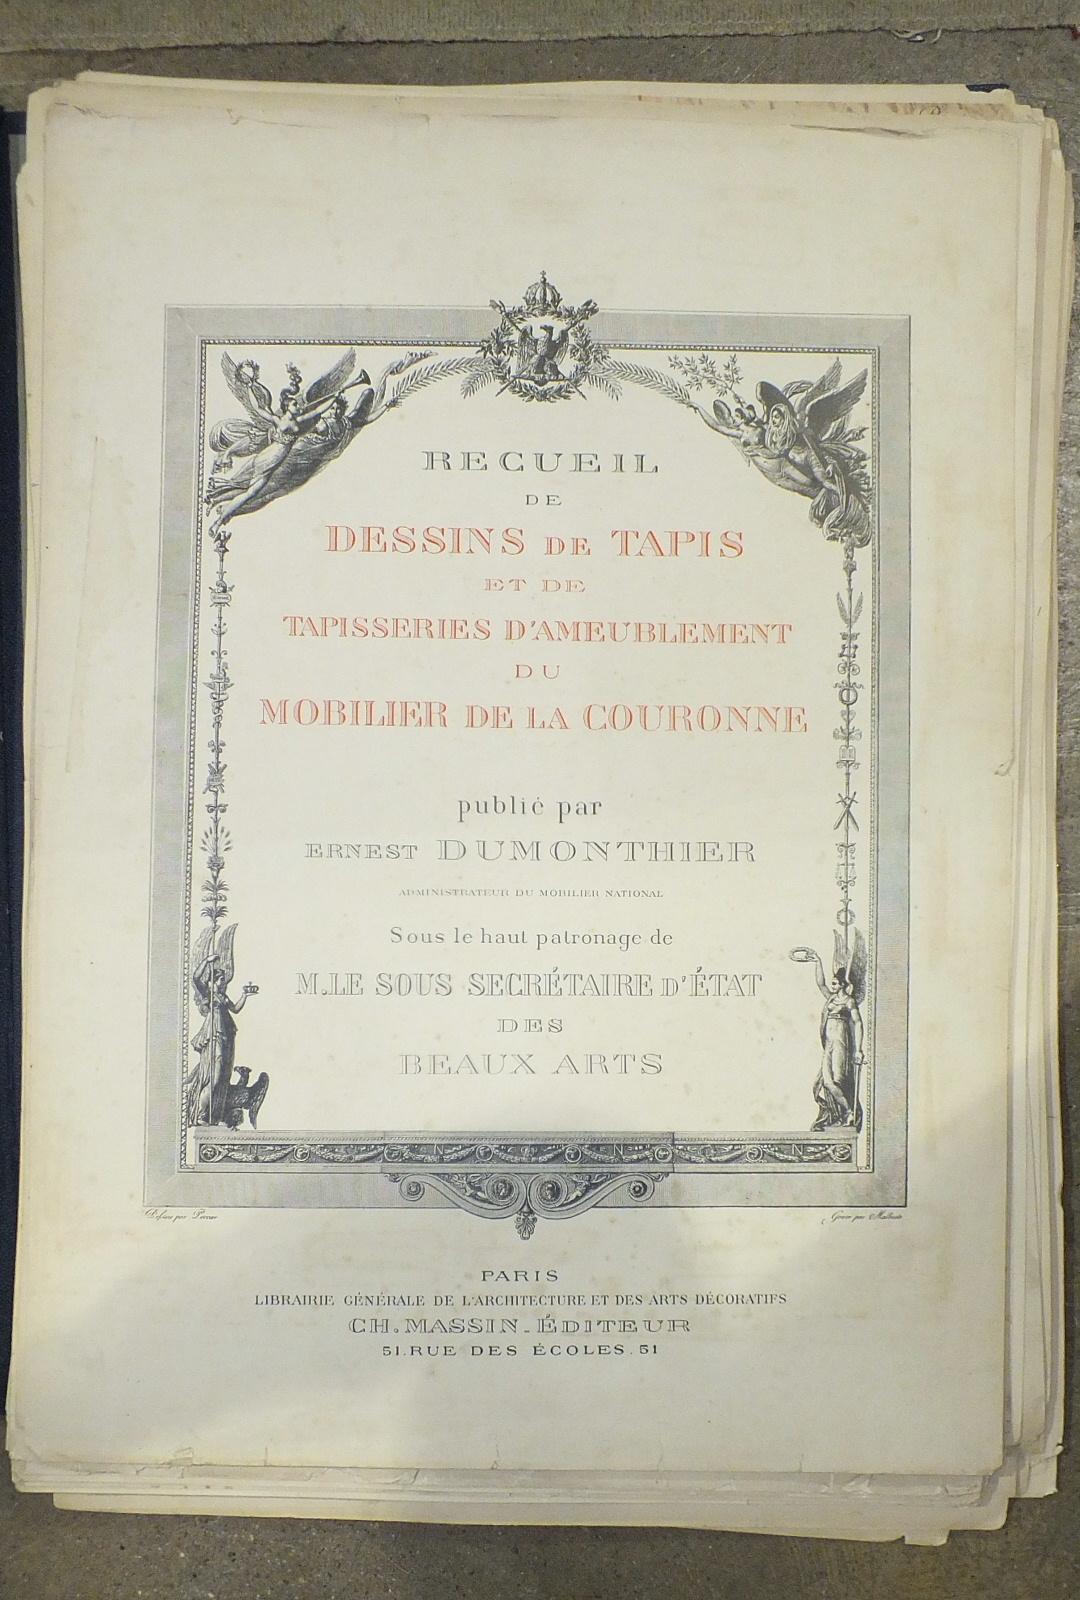 Dumonthier (Ernest), Recueil de Dessins de Tapis et de Tapisseries d'Ameublement du Mobilier de la